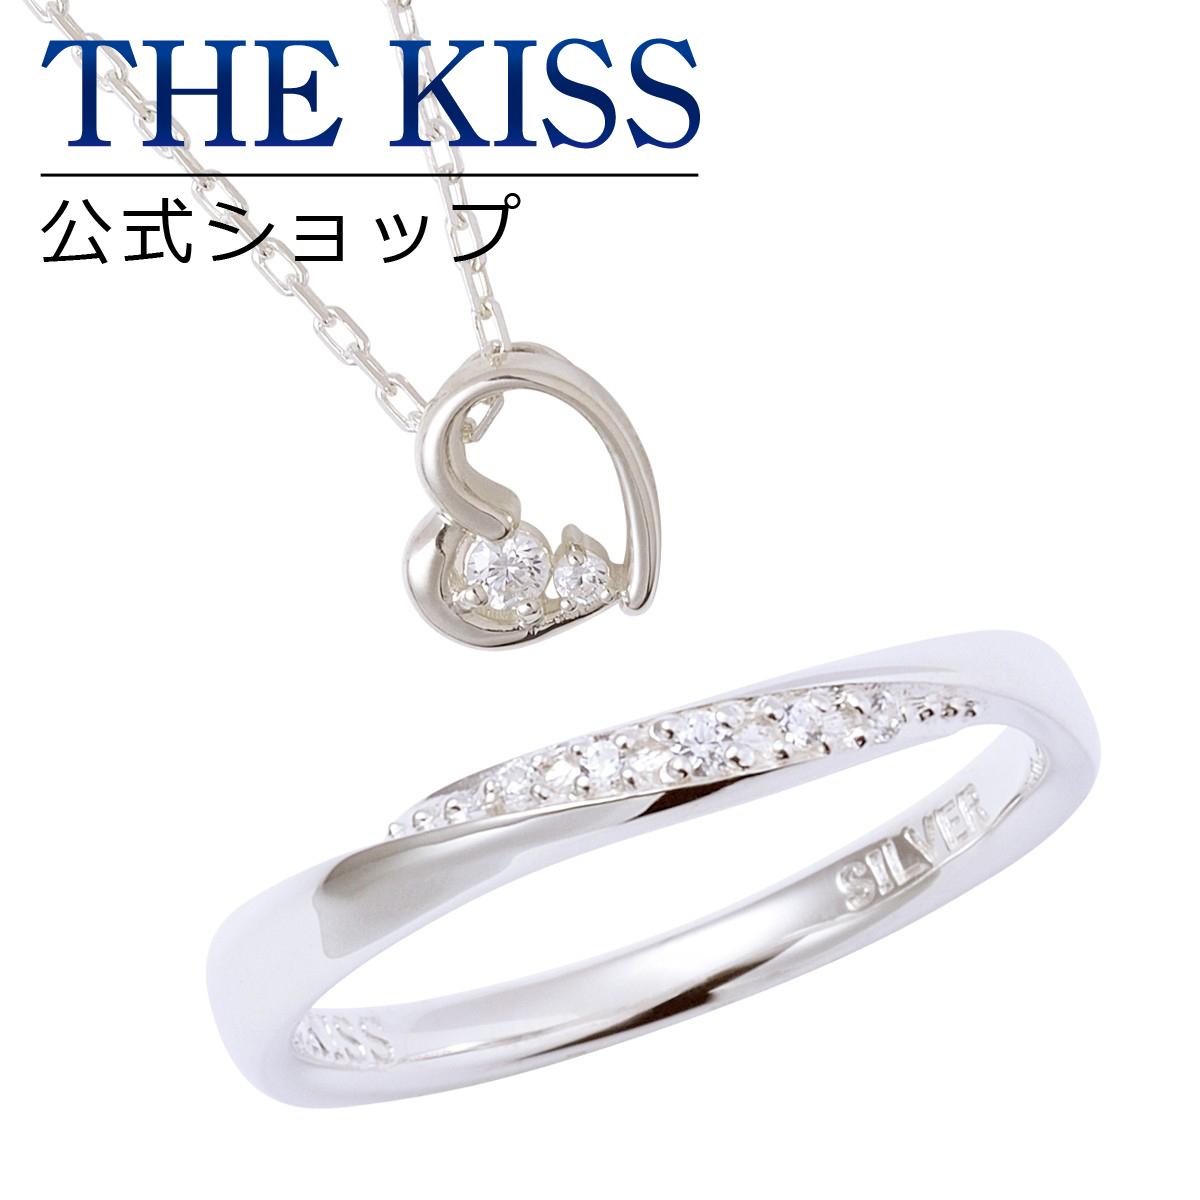 【あす楽対応】THE KISS 公式サイト レディースセット レディースリング レディースネックレス レディースジュエリー・アクセサリー ジュエリーブランド THEKISS リング・指輪 ネックレス・ペンダント 記念日 プレゼント SR1844CB-SPD259CB セット ザキス 【送料無料】